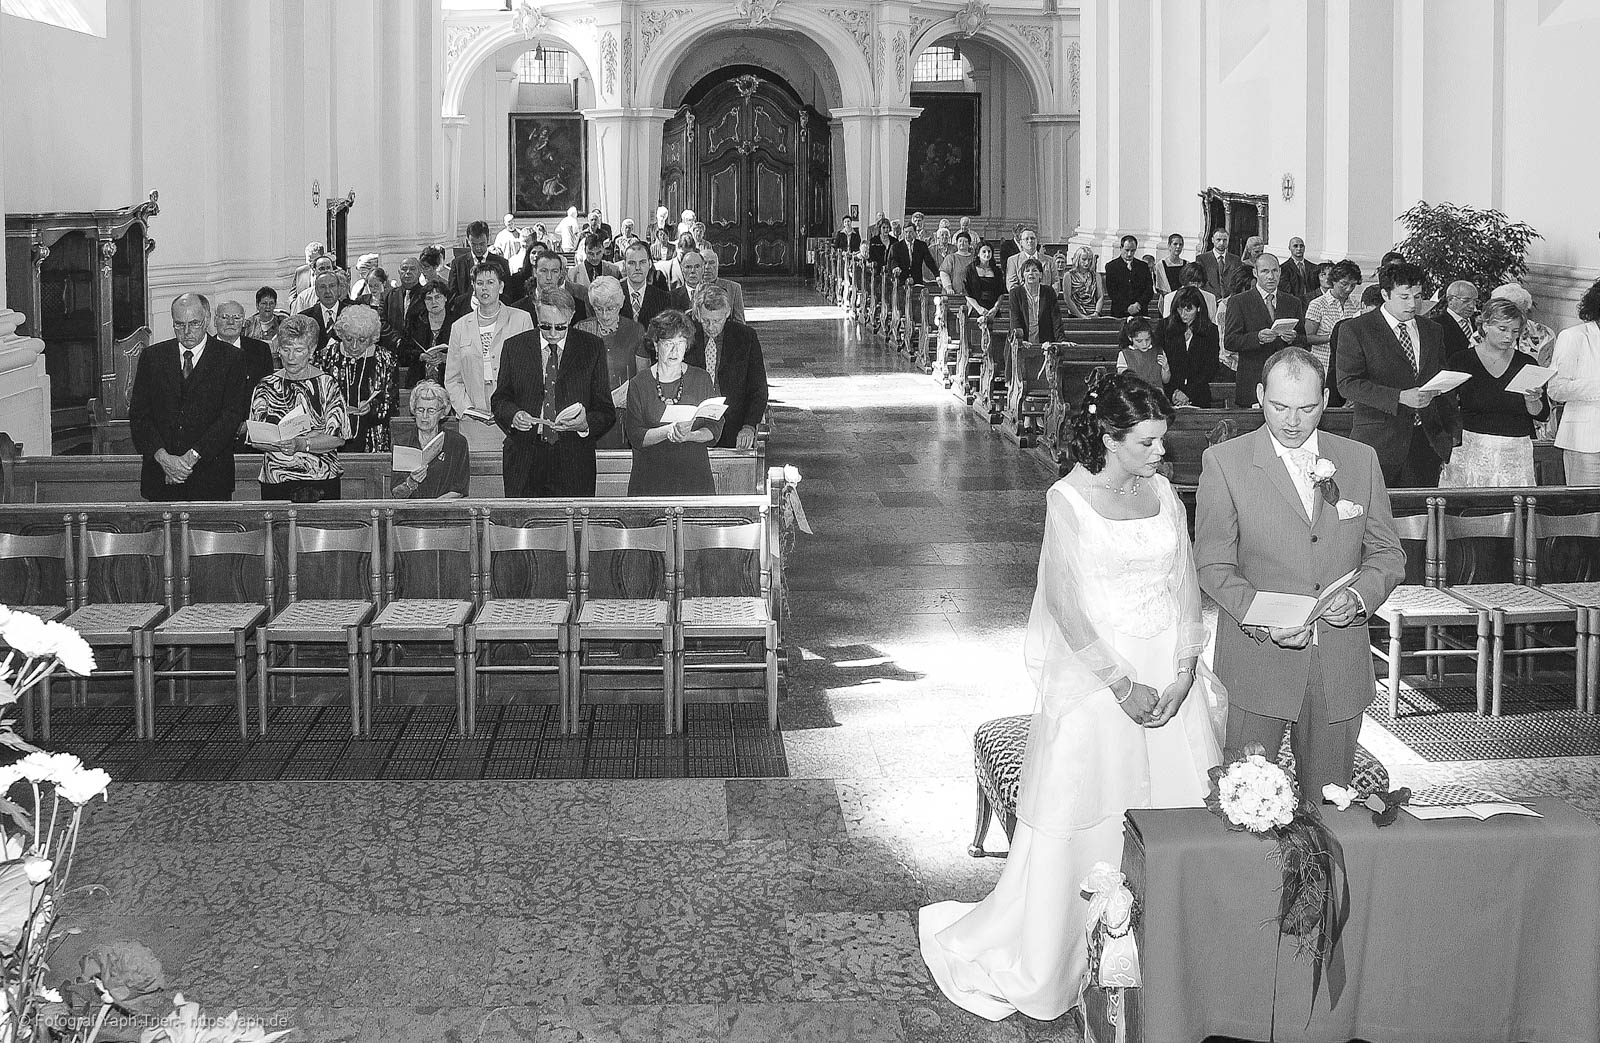 Hochzeitsfotoreportage und Bilder der kirchlichen Trauung Mireille-Marco bei Fotograf Trier - Yaph